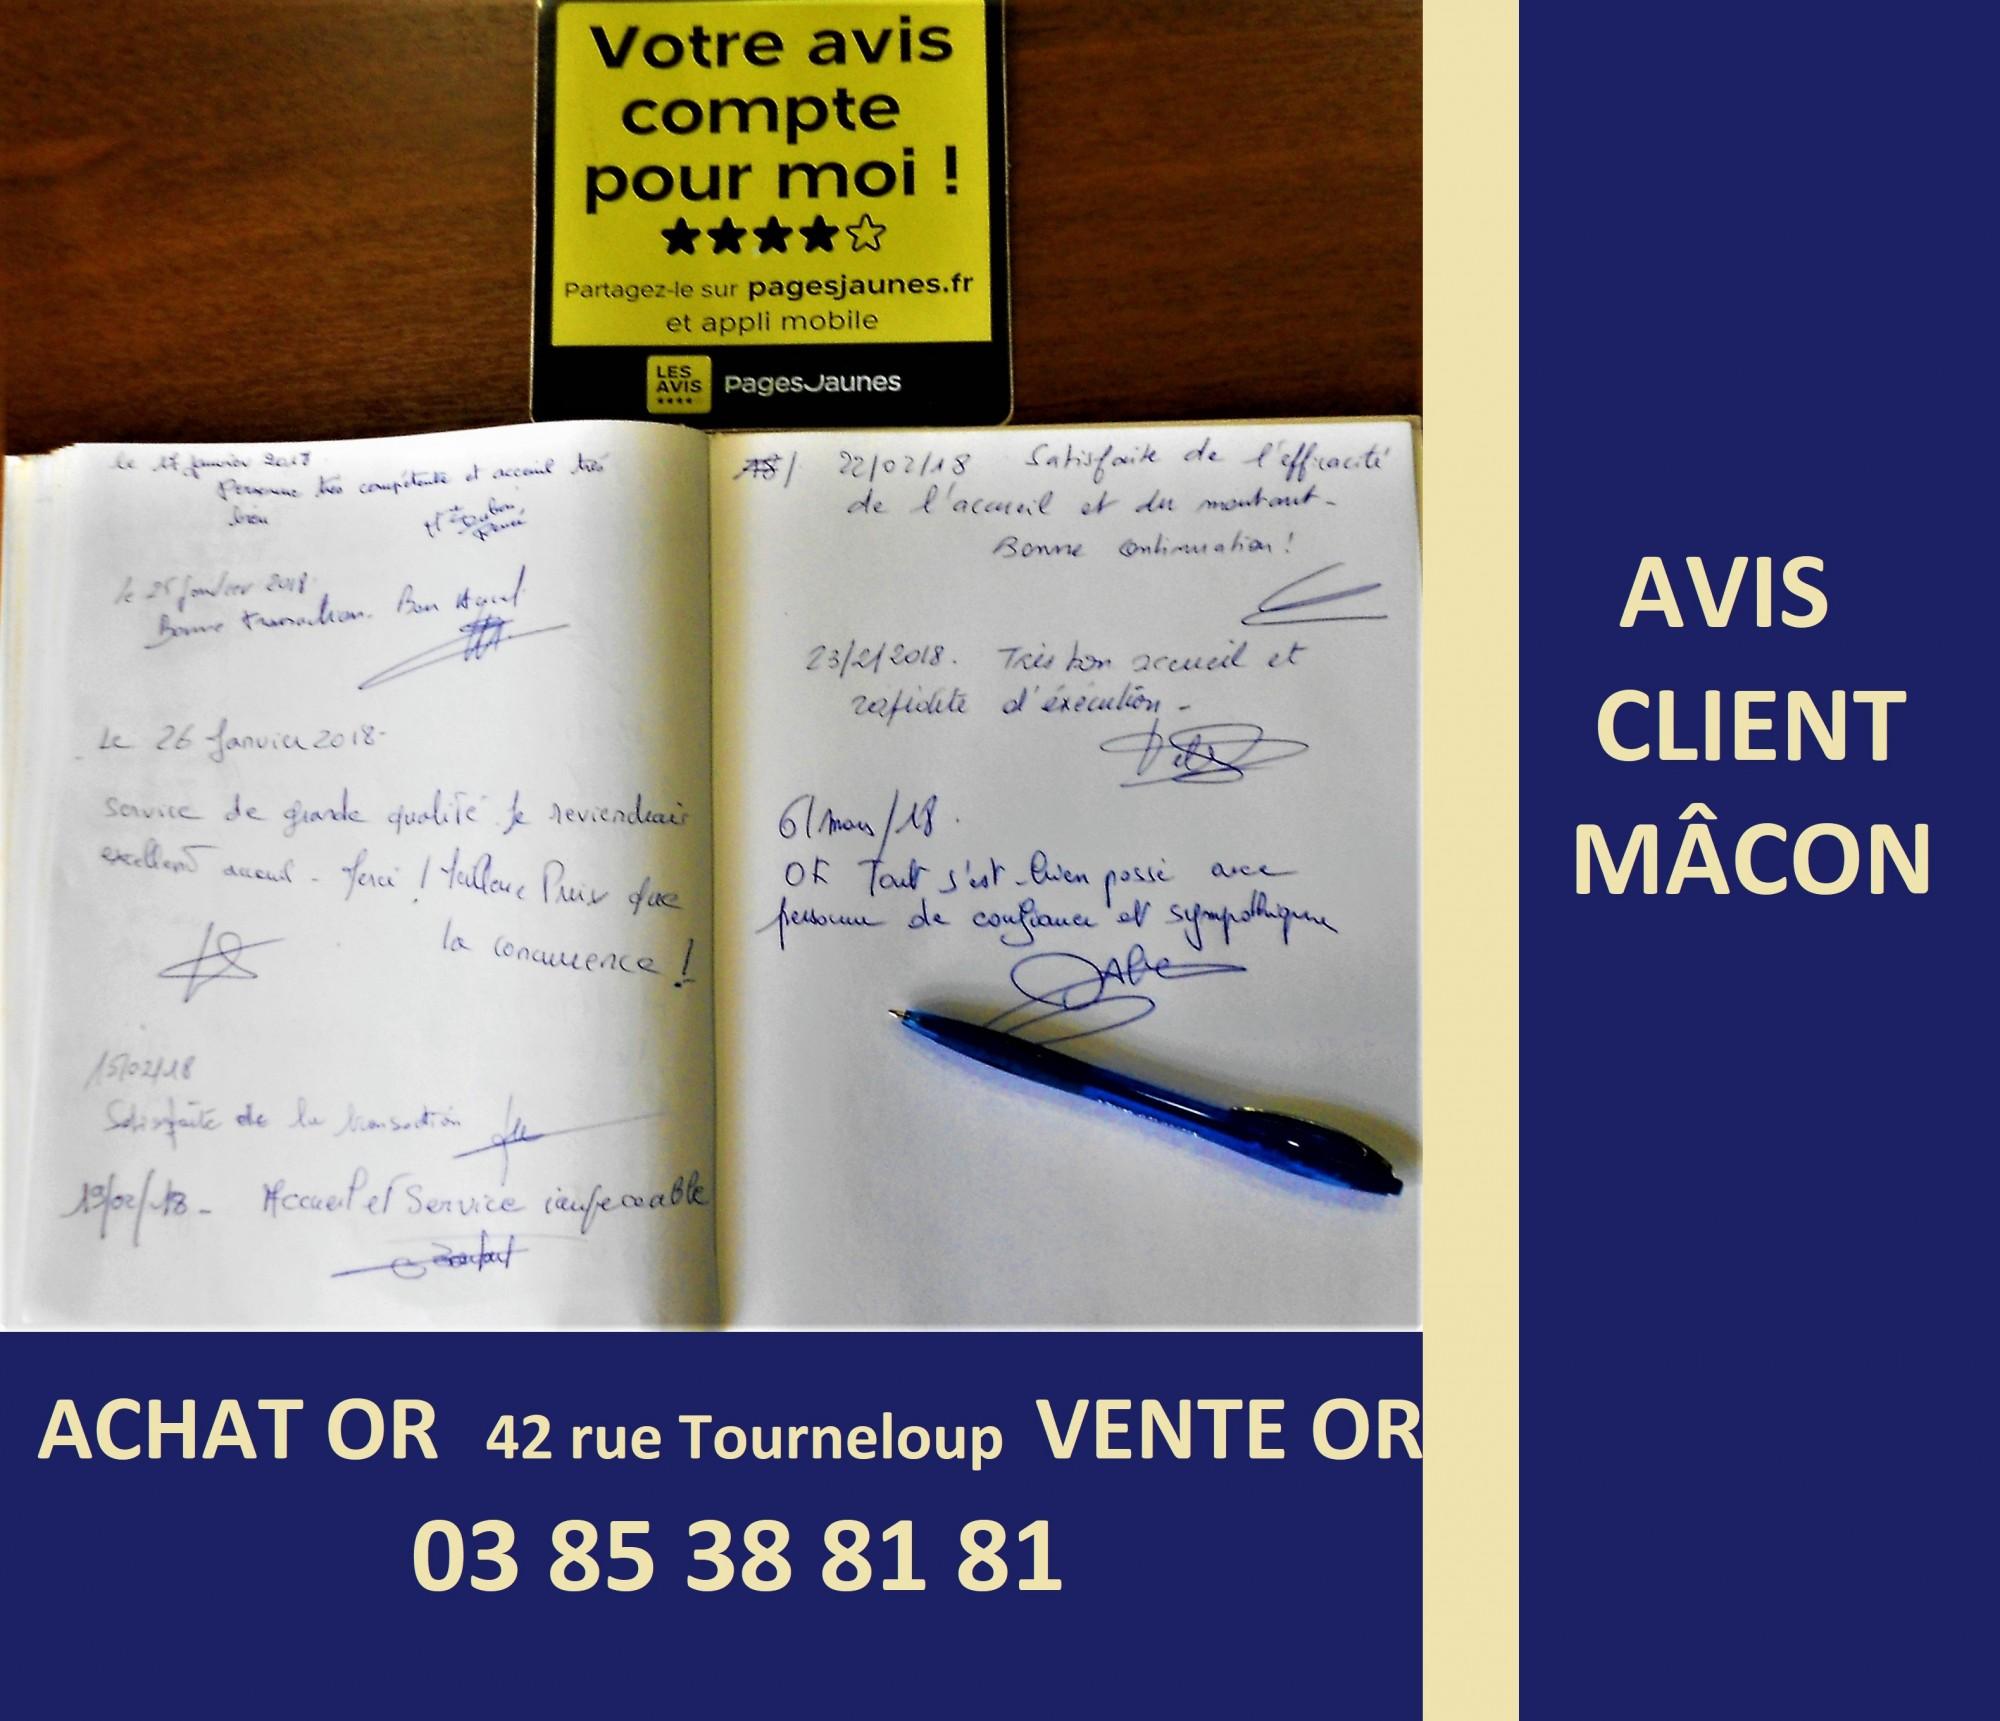 donnez votre avis sur le rachat d'or Mâcon et sur pages jaunes!